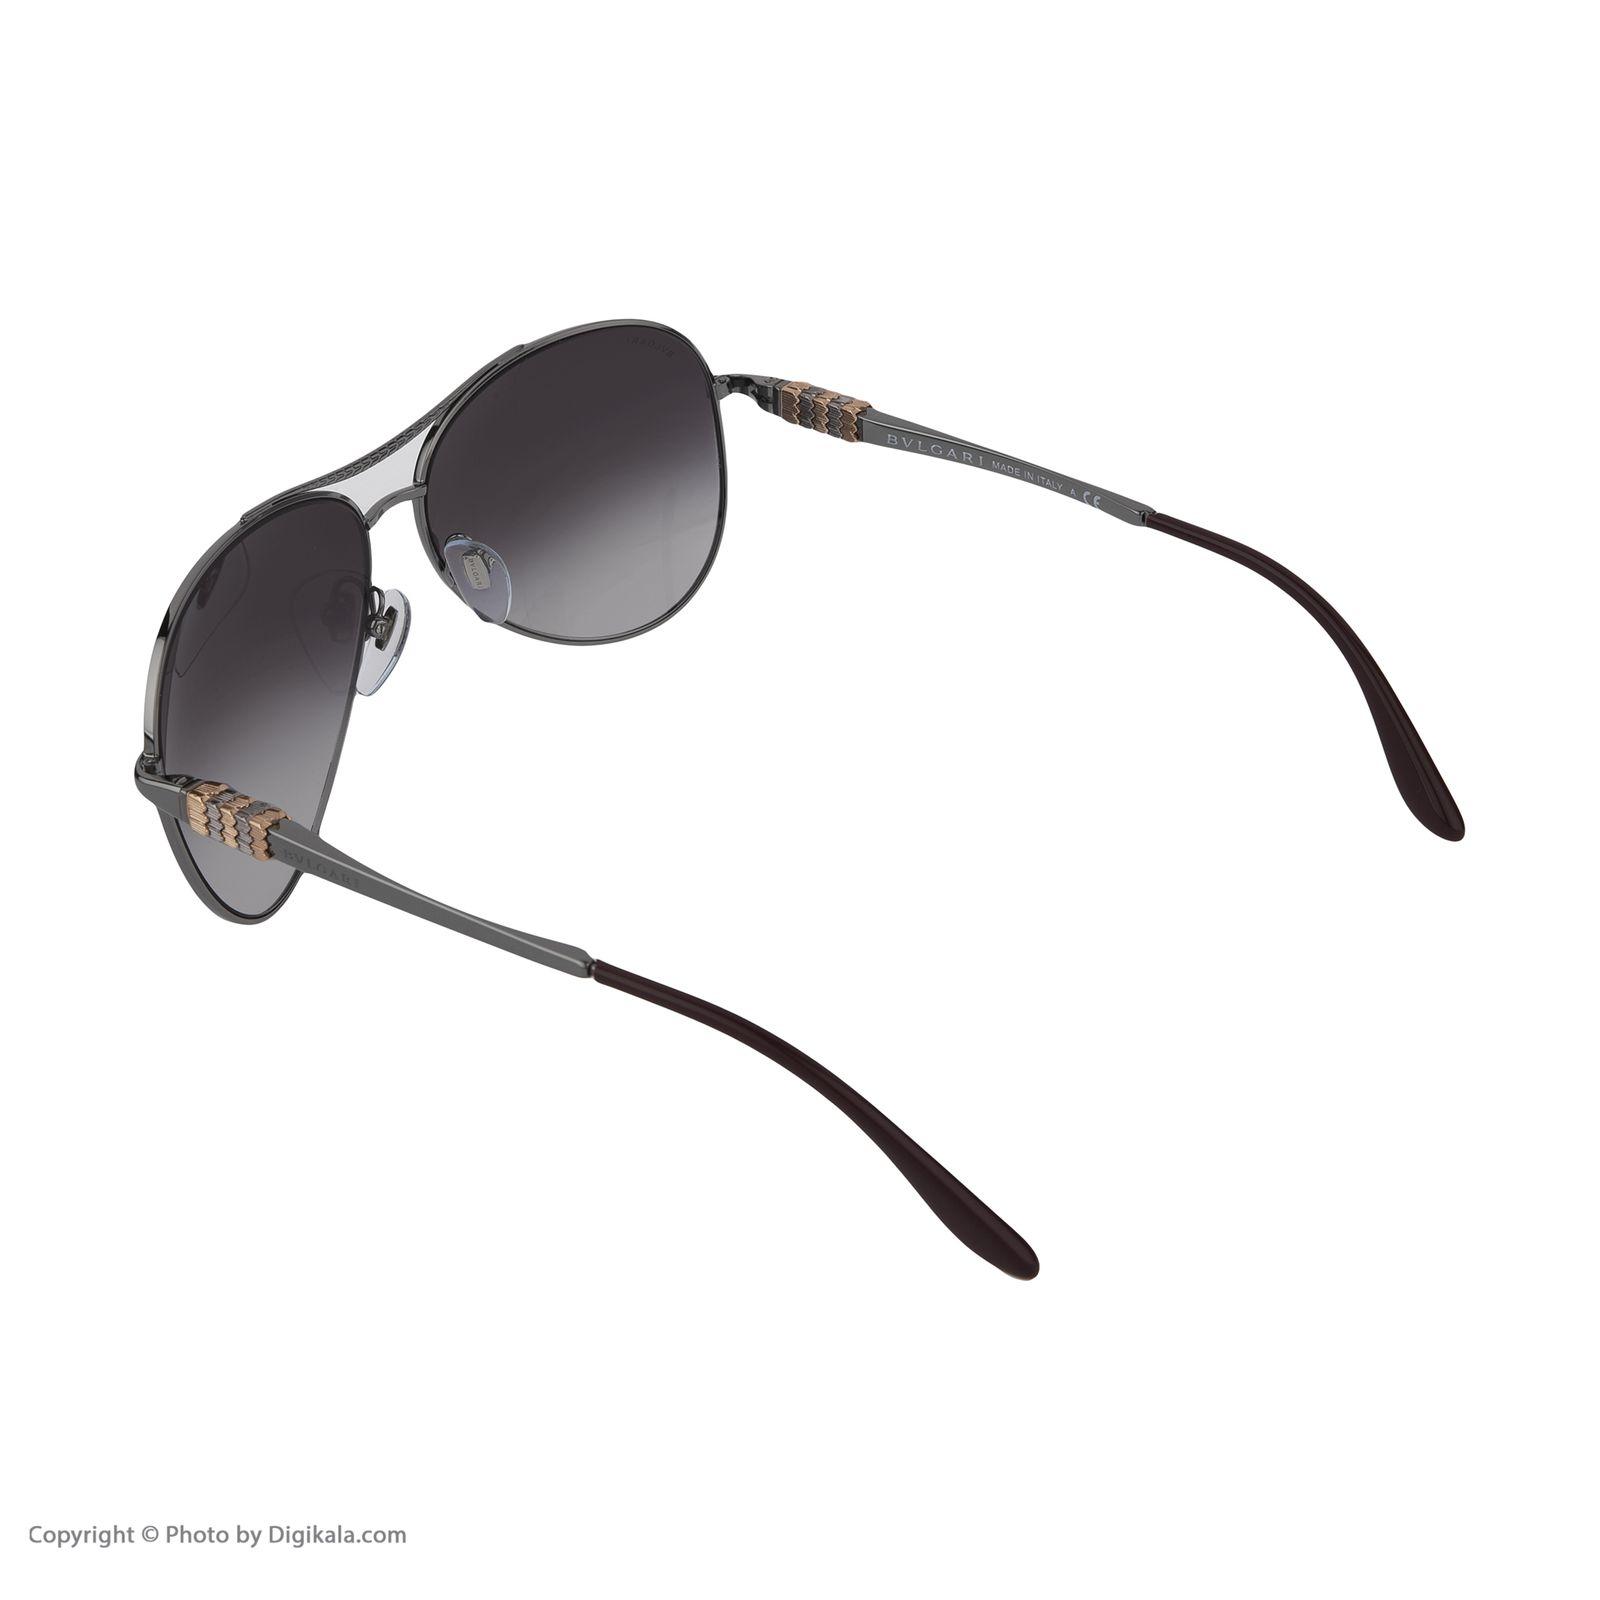 عینک آفتابی زنانه بولگاری مدل BV6075S 01038G -  - 5